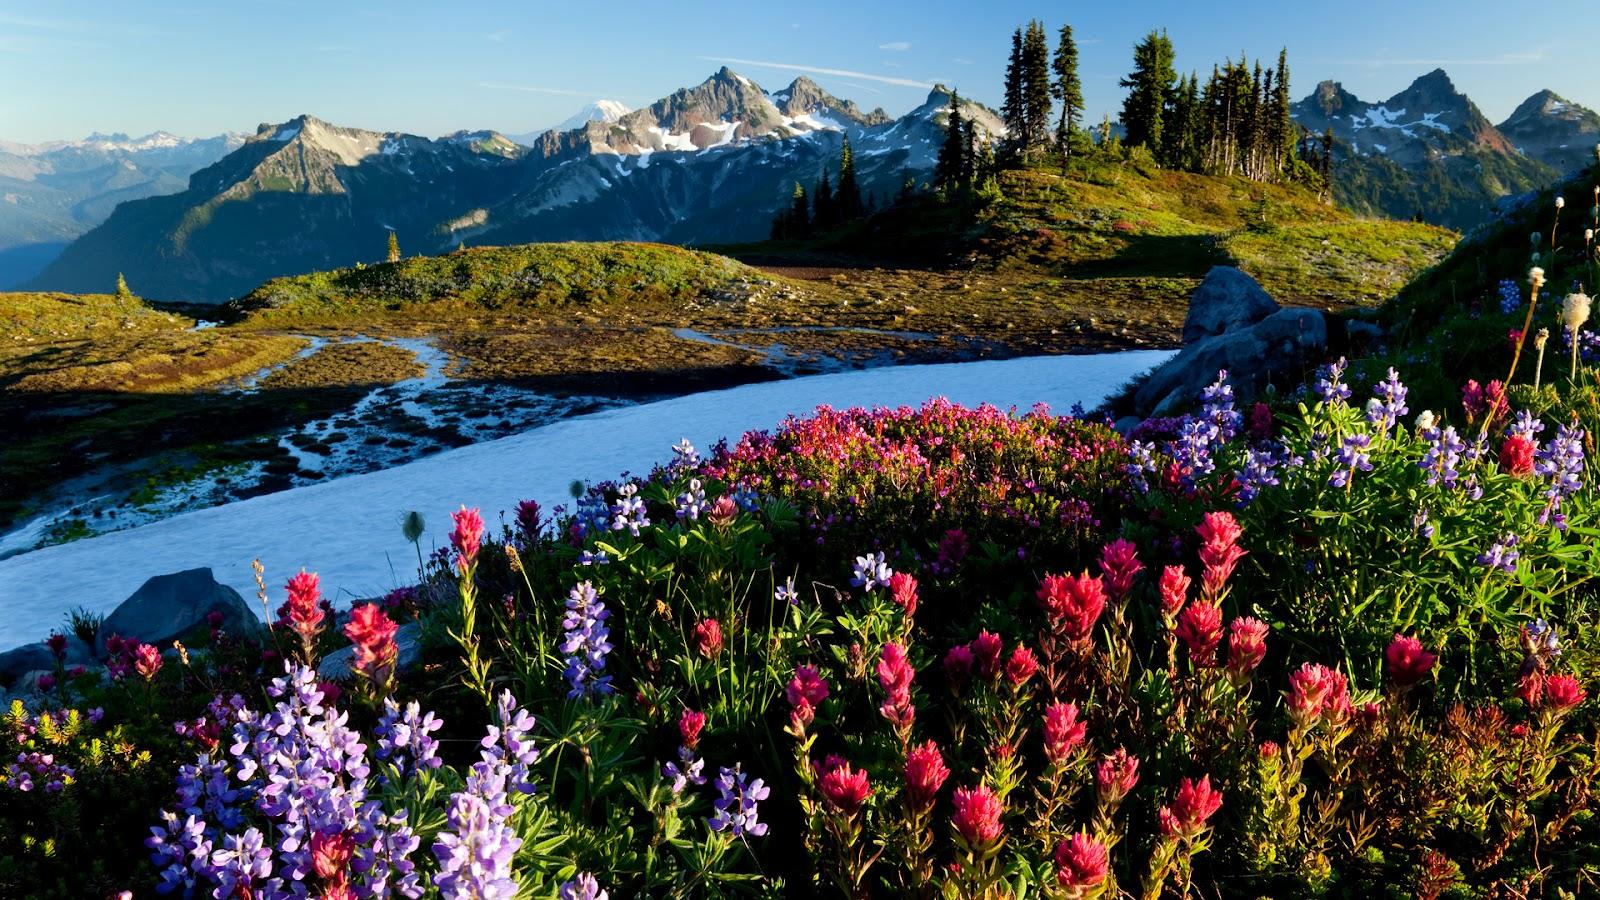 Amazing World Photos: Amazing Nature